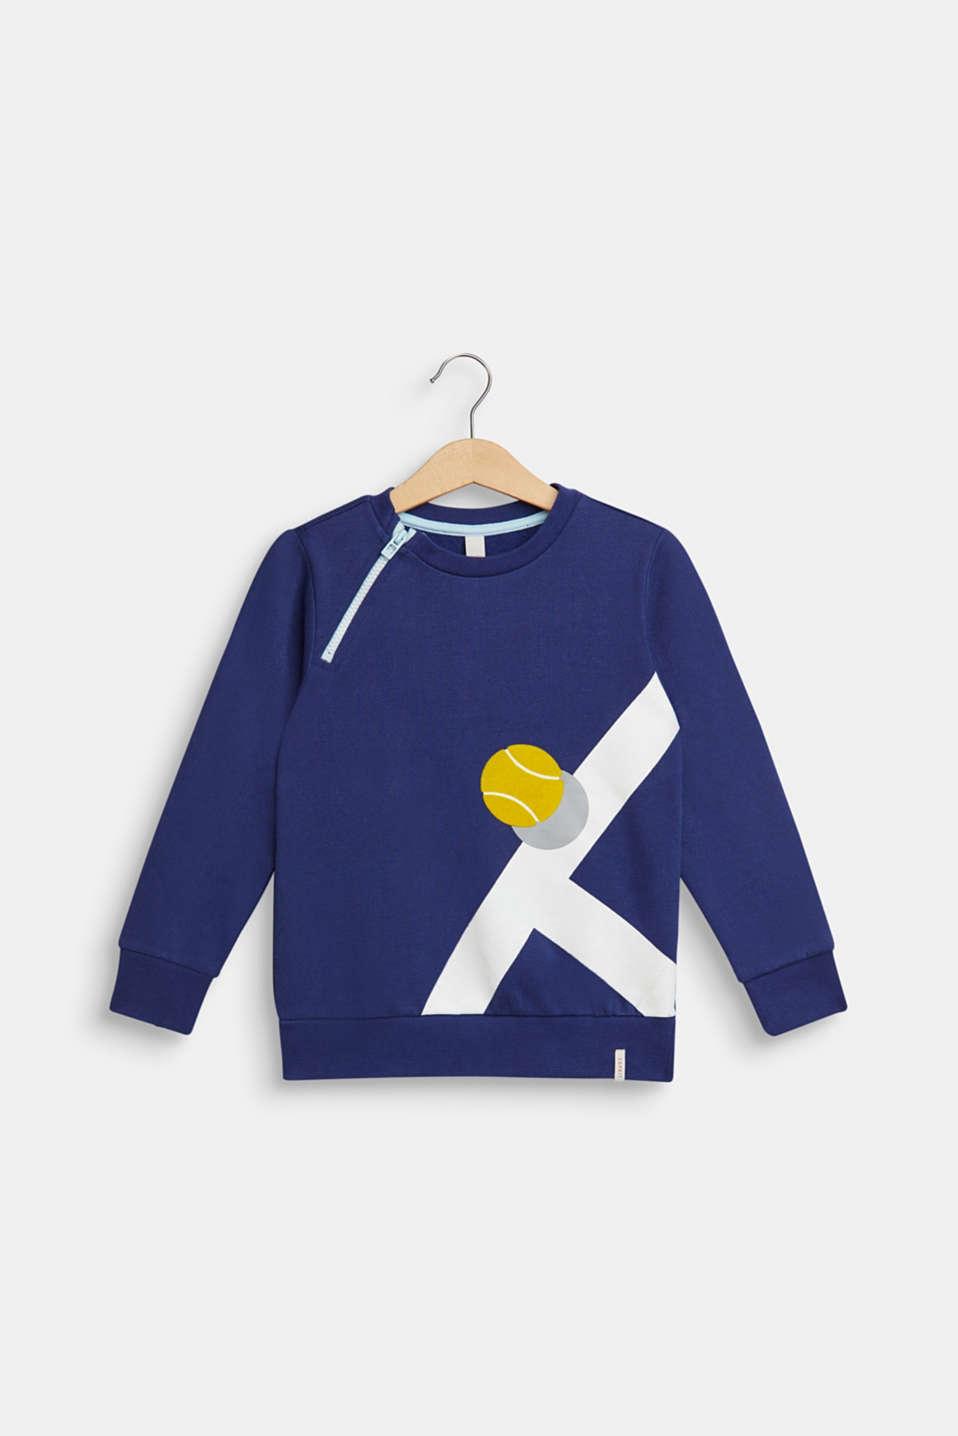 Esprit Sweatshirt mit Flock Print, 100% Baumwolle im